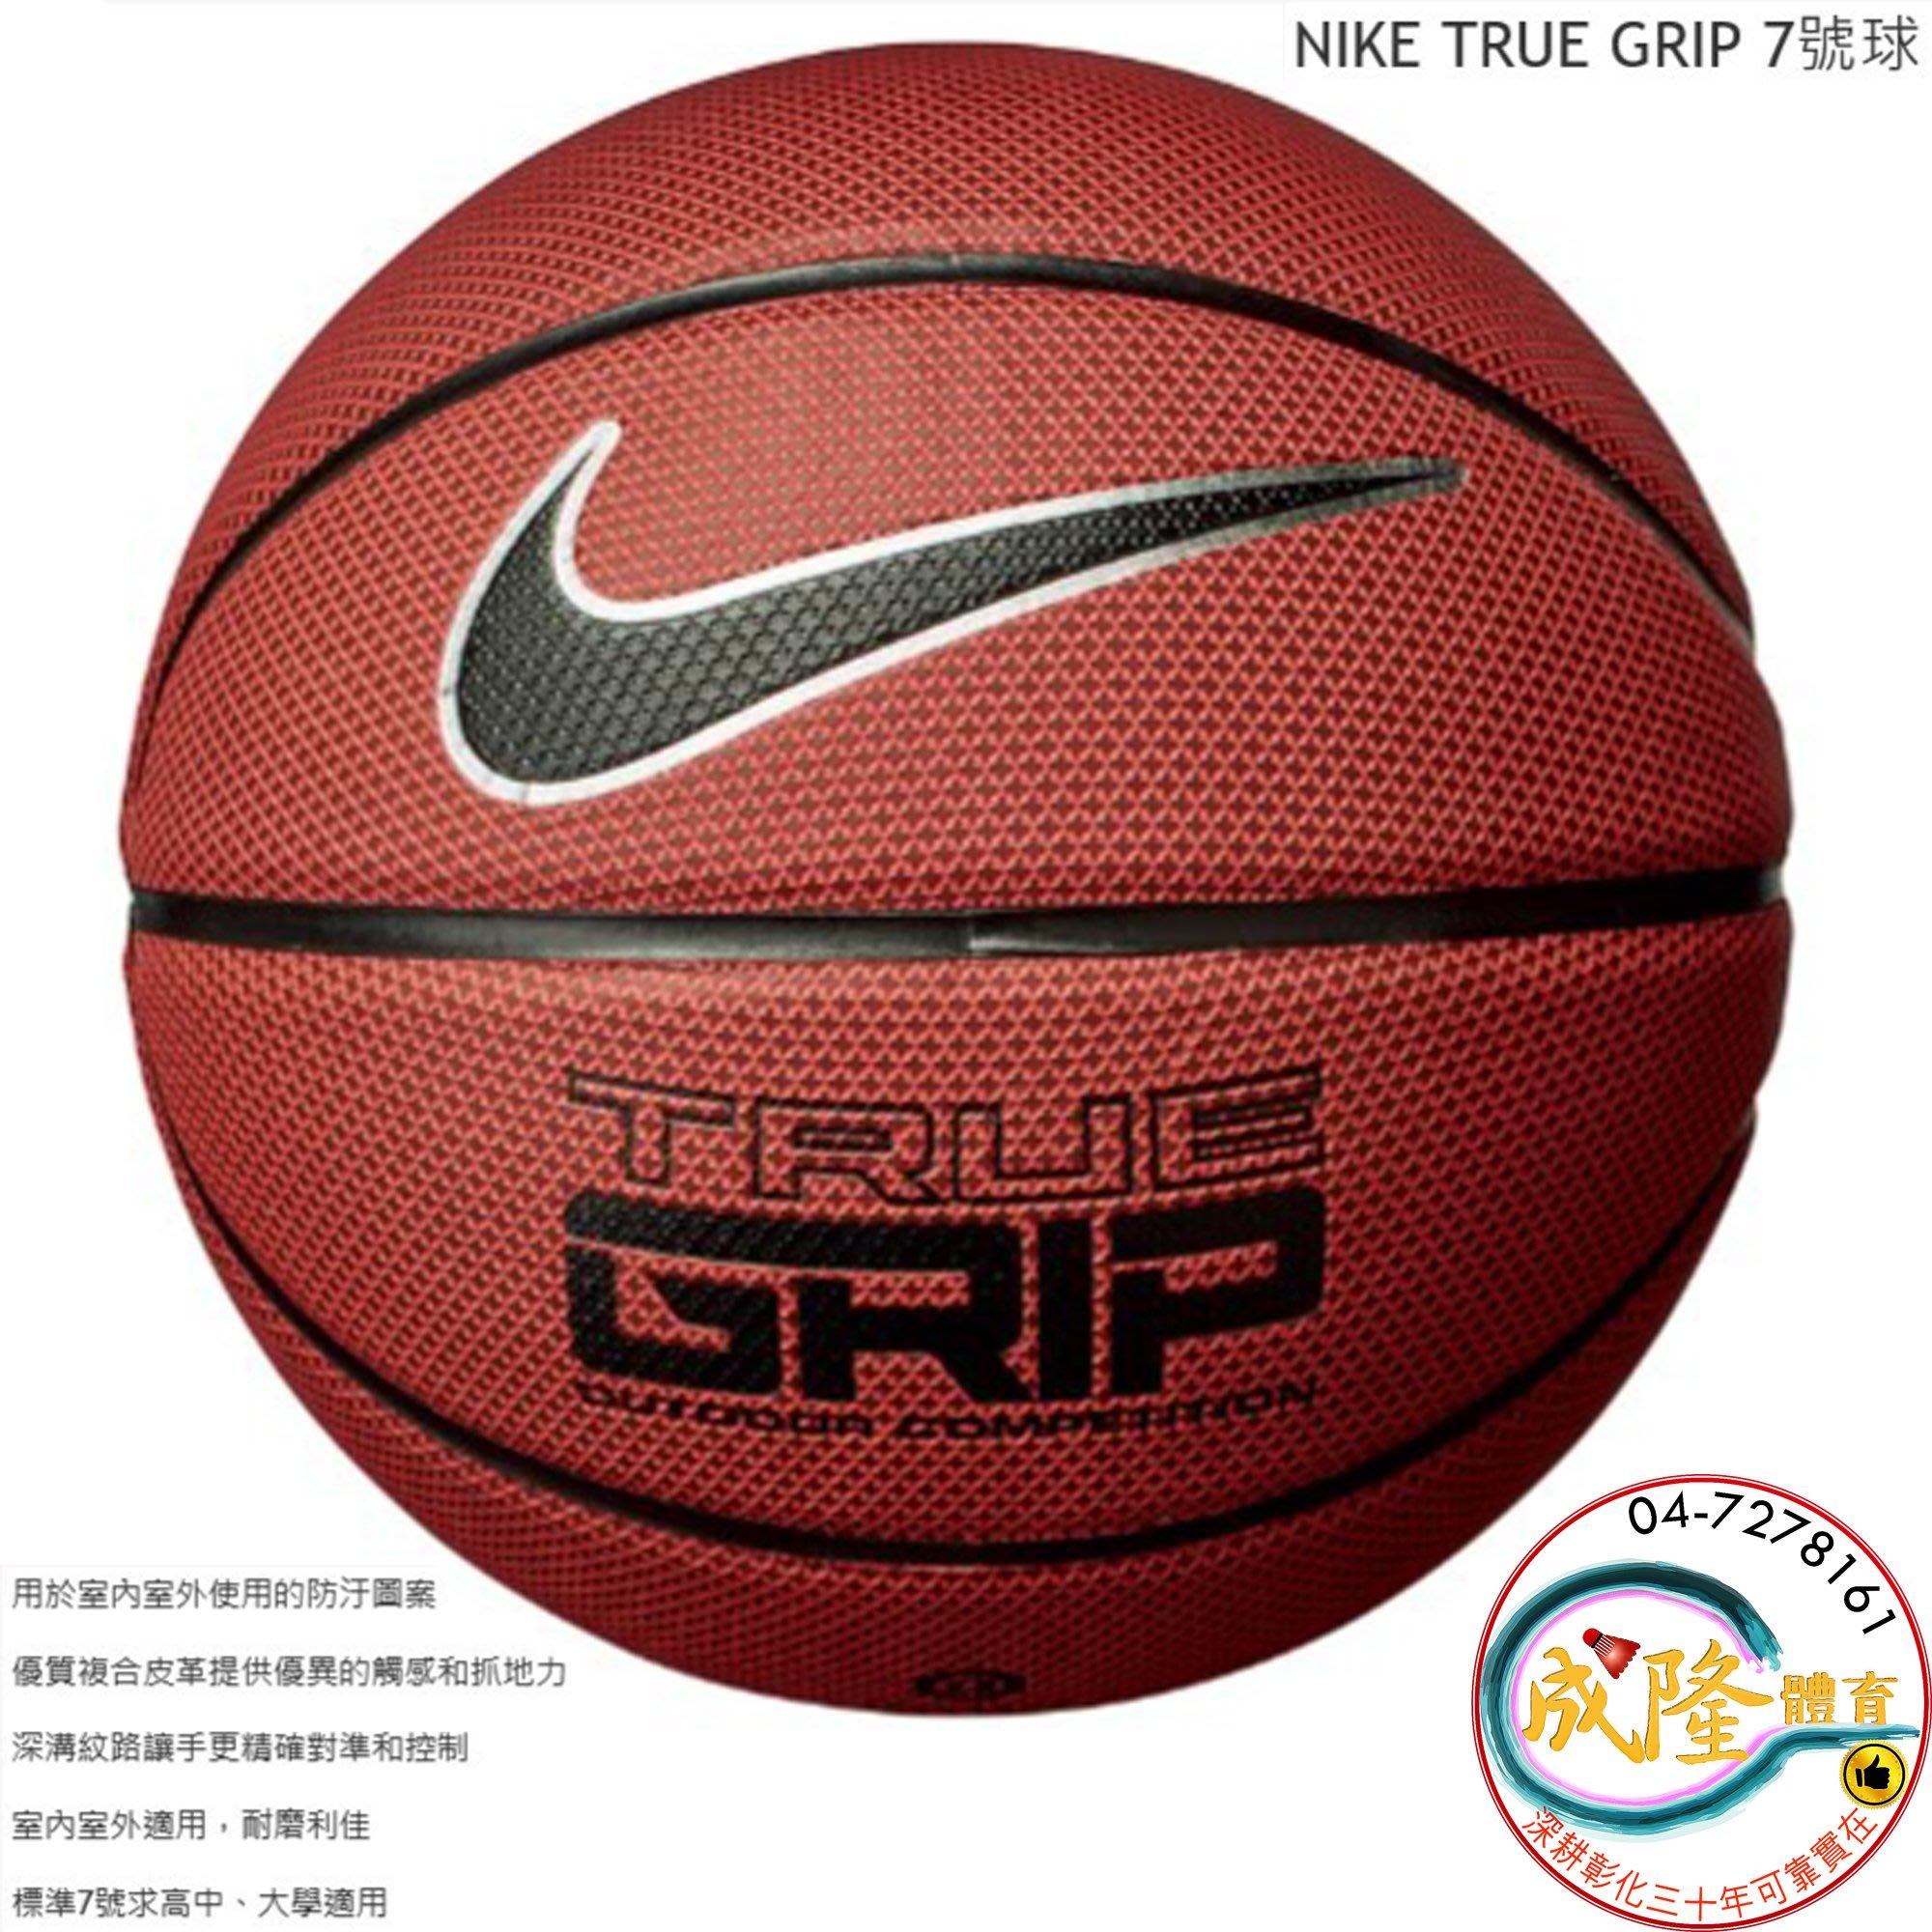 §成隆體育§ NIKE TRUE GRIP 8P 籃球 7號 BB0638 7號球 附球針球網 戶外籃球 公司貨附發票